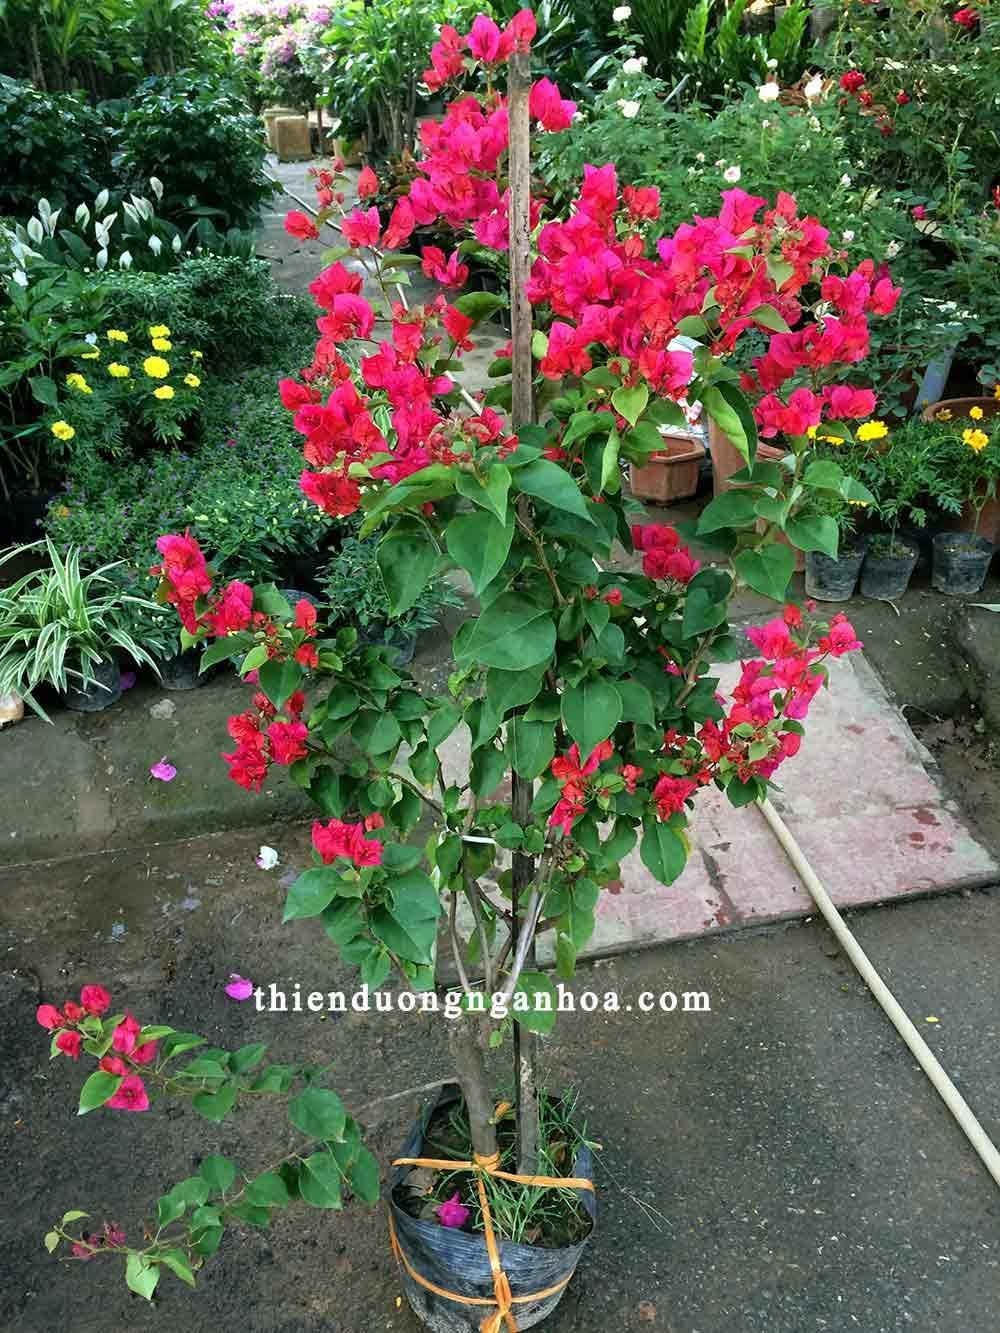 Bán hoa giấy đỏ, hoa giấy đỏ sai hoa cây khỏe chịu hạn chịu nắng cực tốt